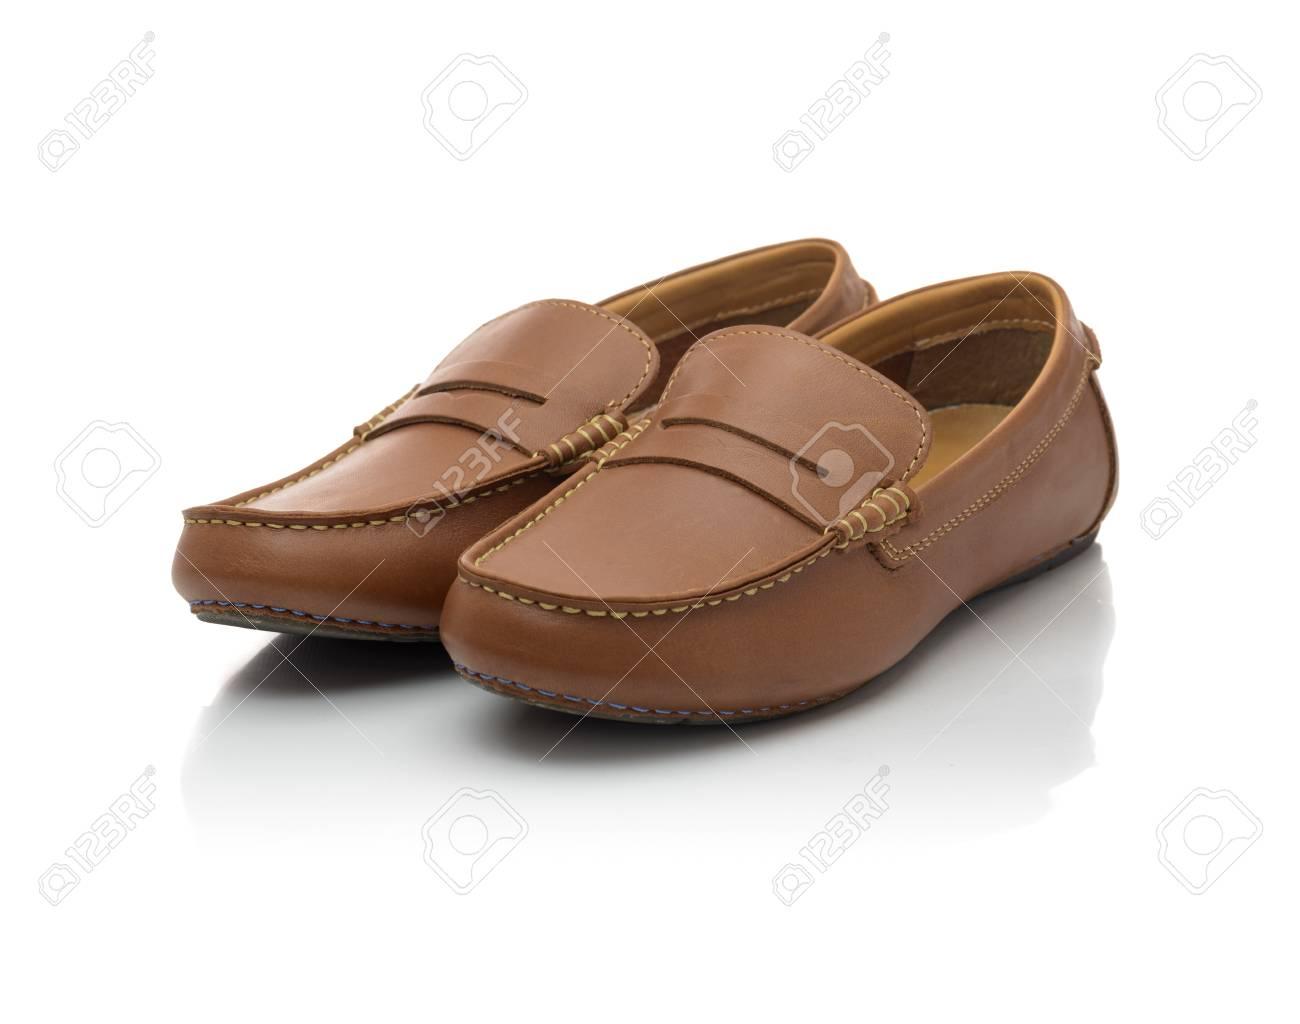 75c566fe1b Foto de archivo - Marrón Moda Hombre Casual zapatos aislados en el fondo  blanco